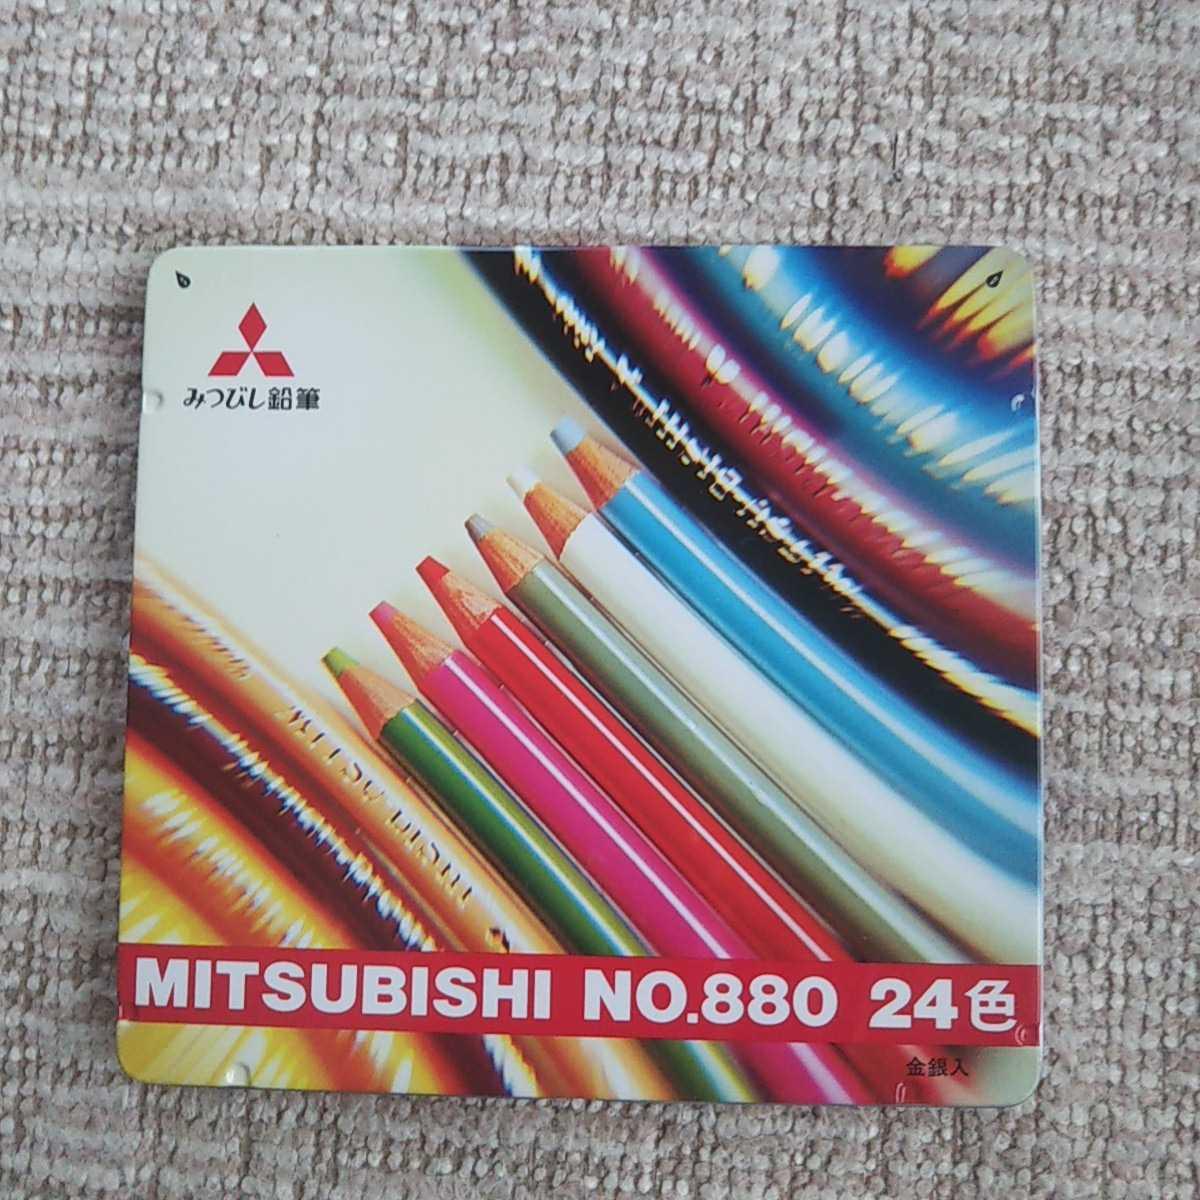 みつびし色鉛筆◎24色